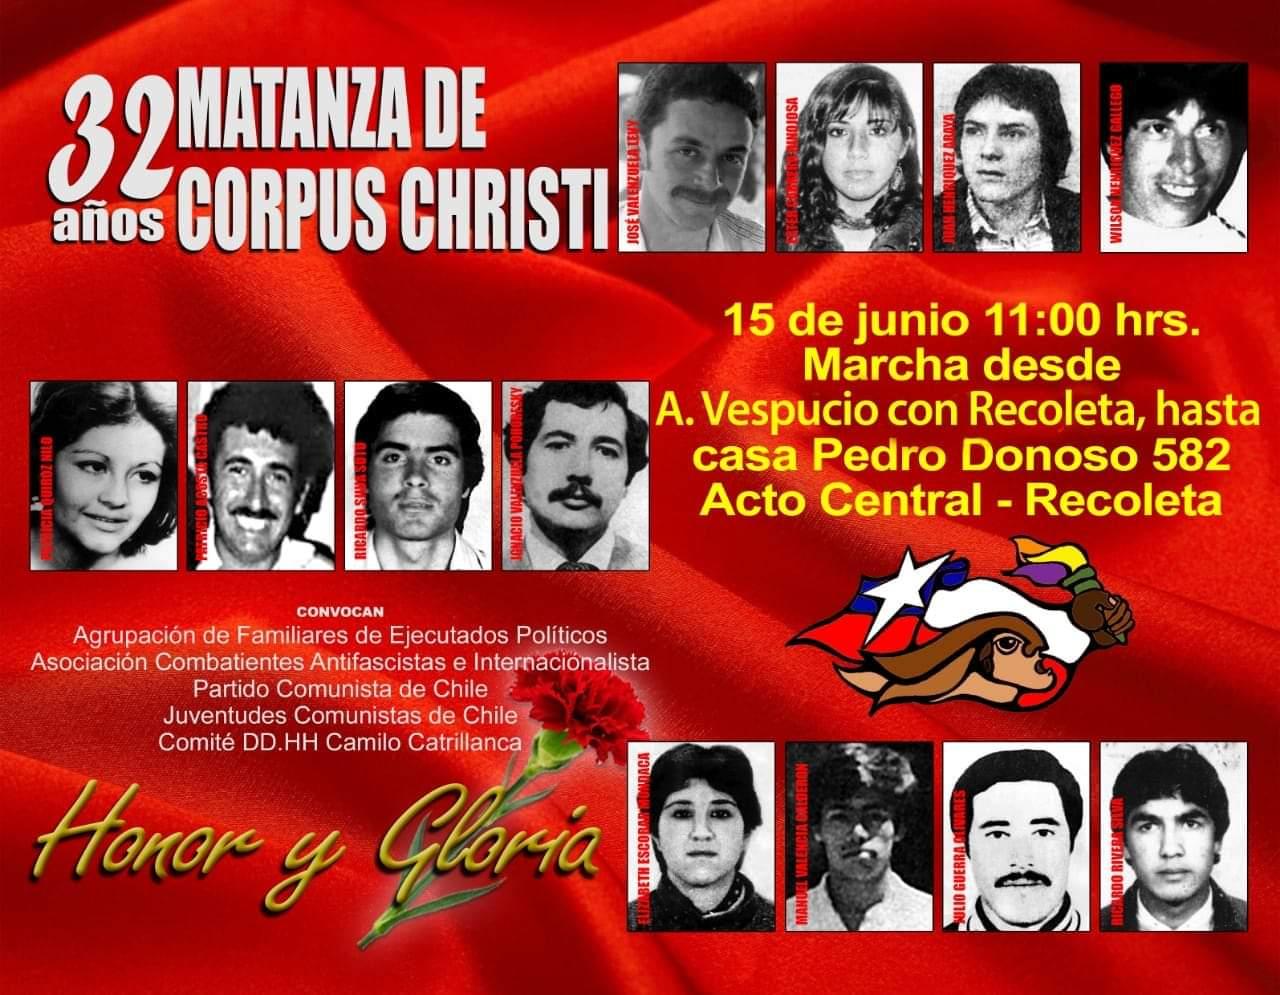 32 AÑOS MATANZA DE CORPUS CHRISTI